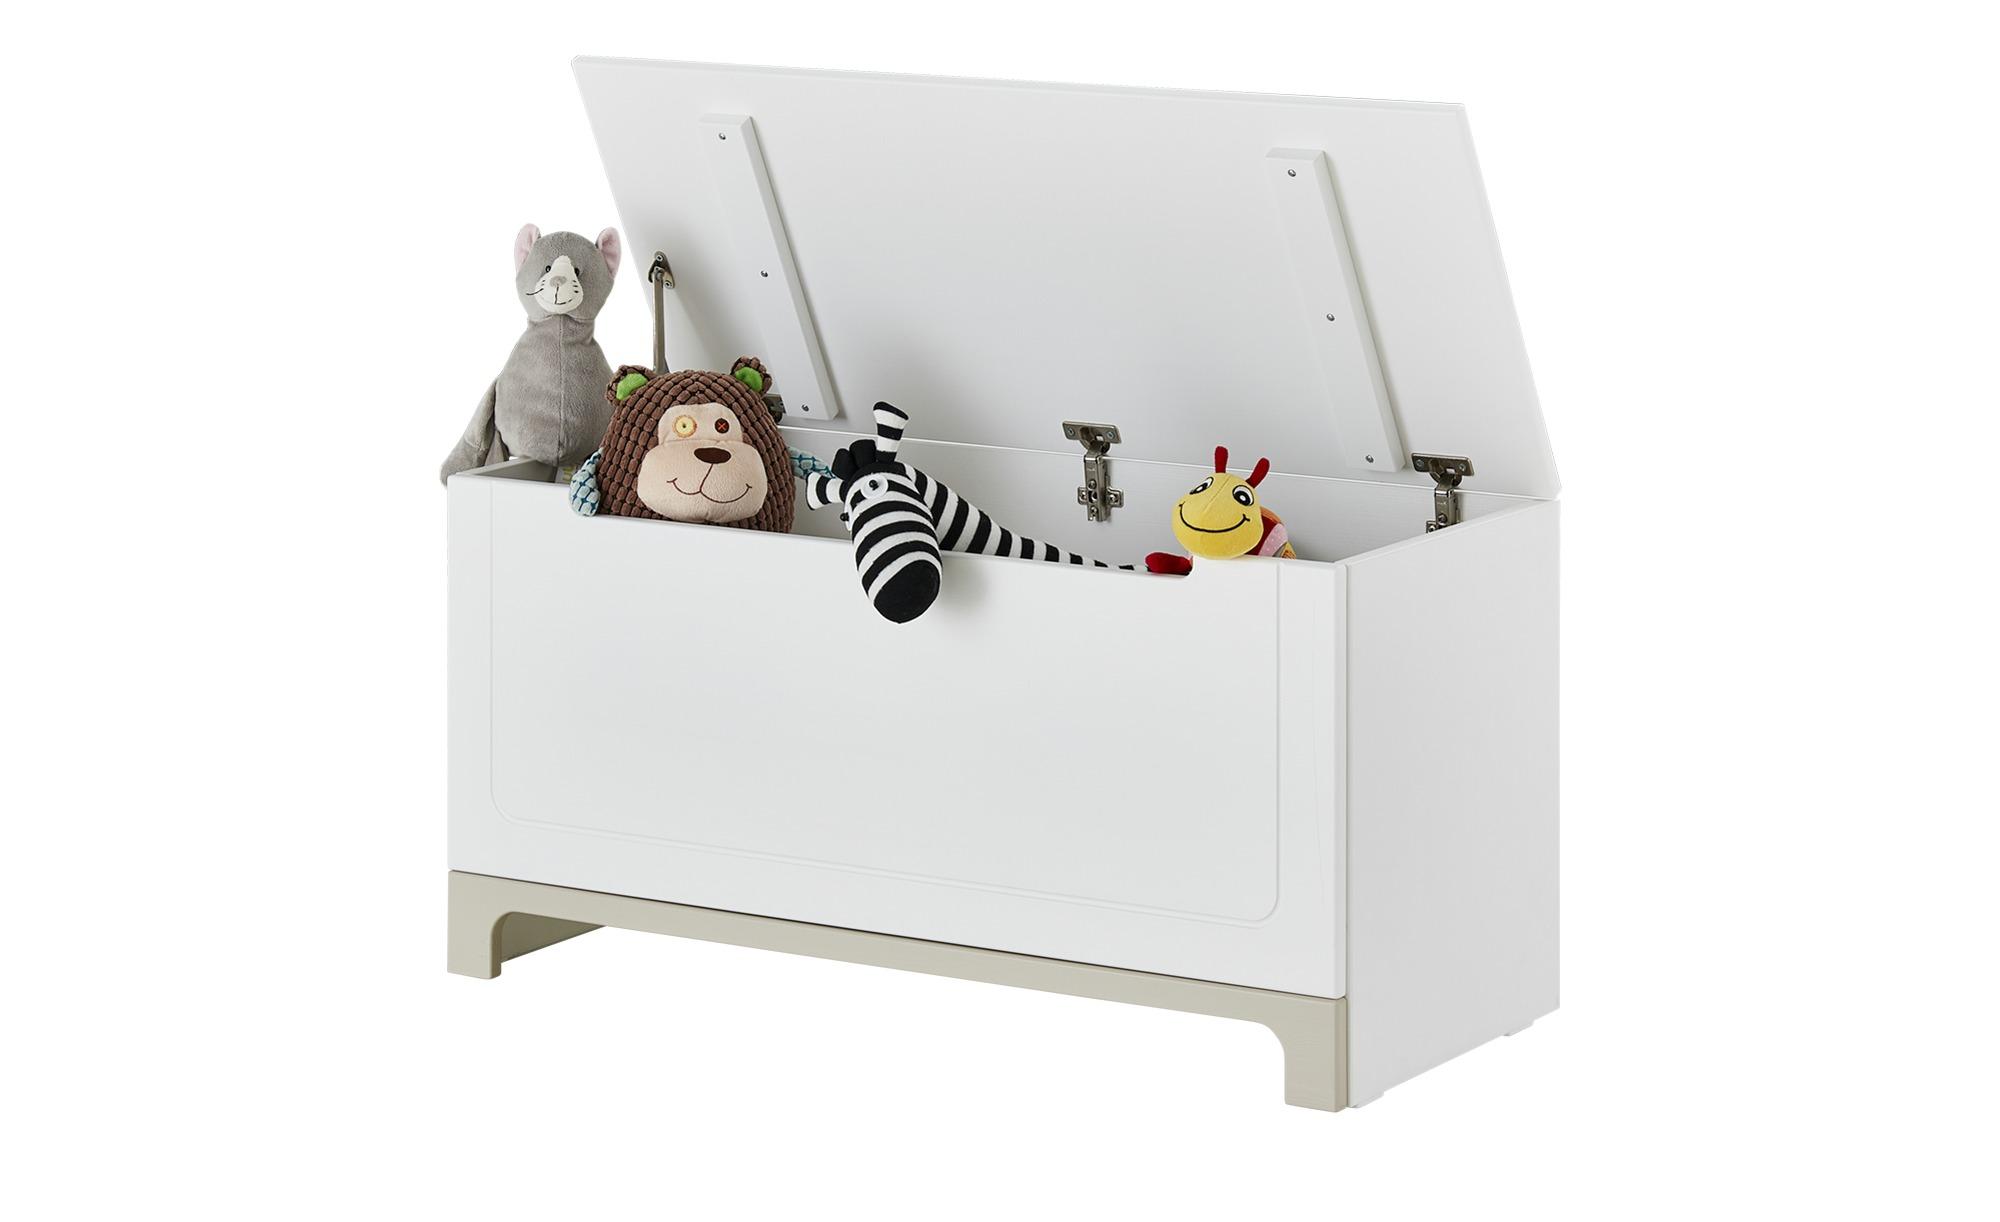 Spielzeugkiste  Mina ¦ weiß ¦ Maße (cm): B: 43 H: 50 T: 43 Aufbewahrung > Truhen & Kisten - Höffner | Kinderzimmer > Spielzeuge > Spielzeugkisten | Möbel Höffner DE